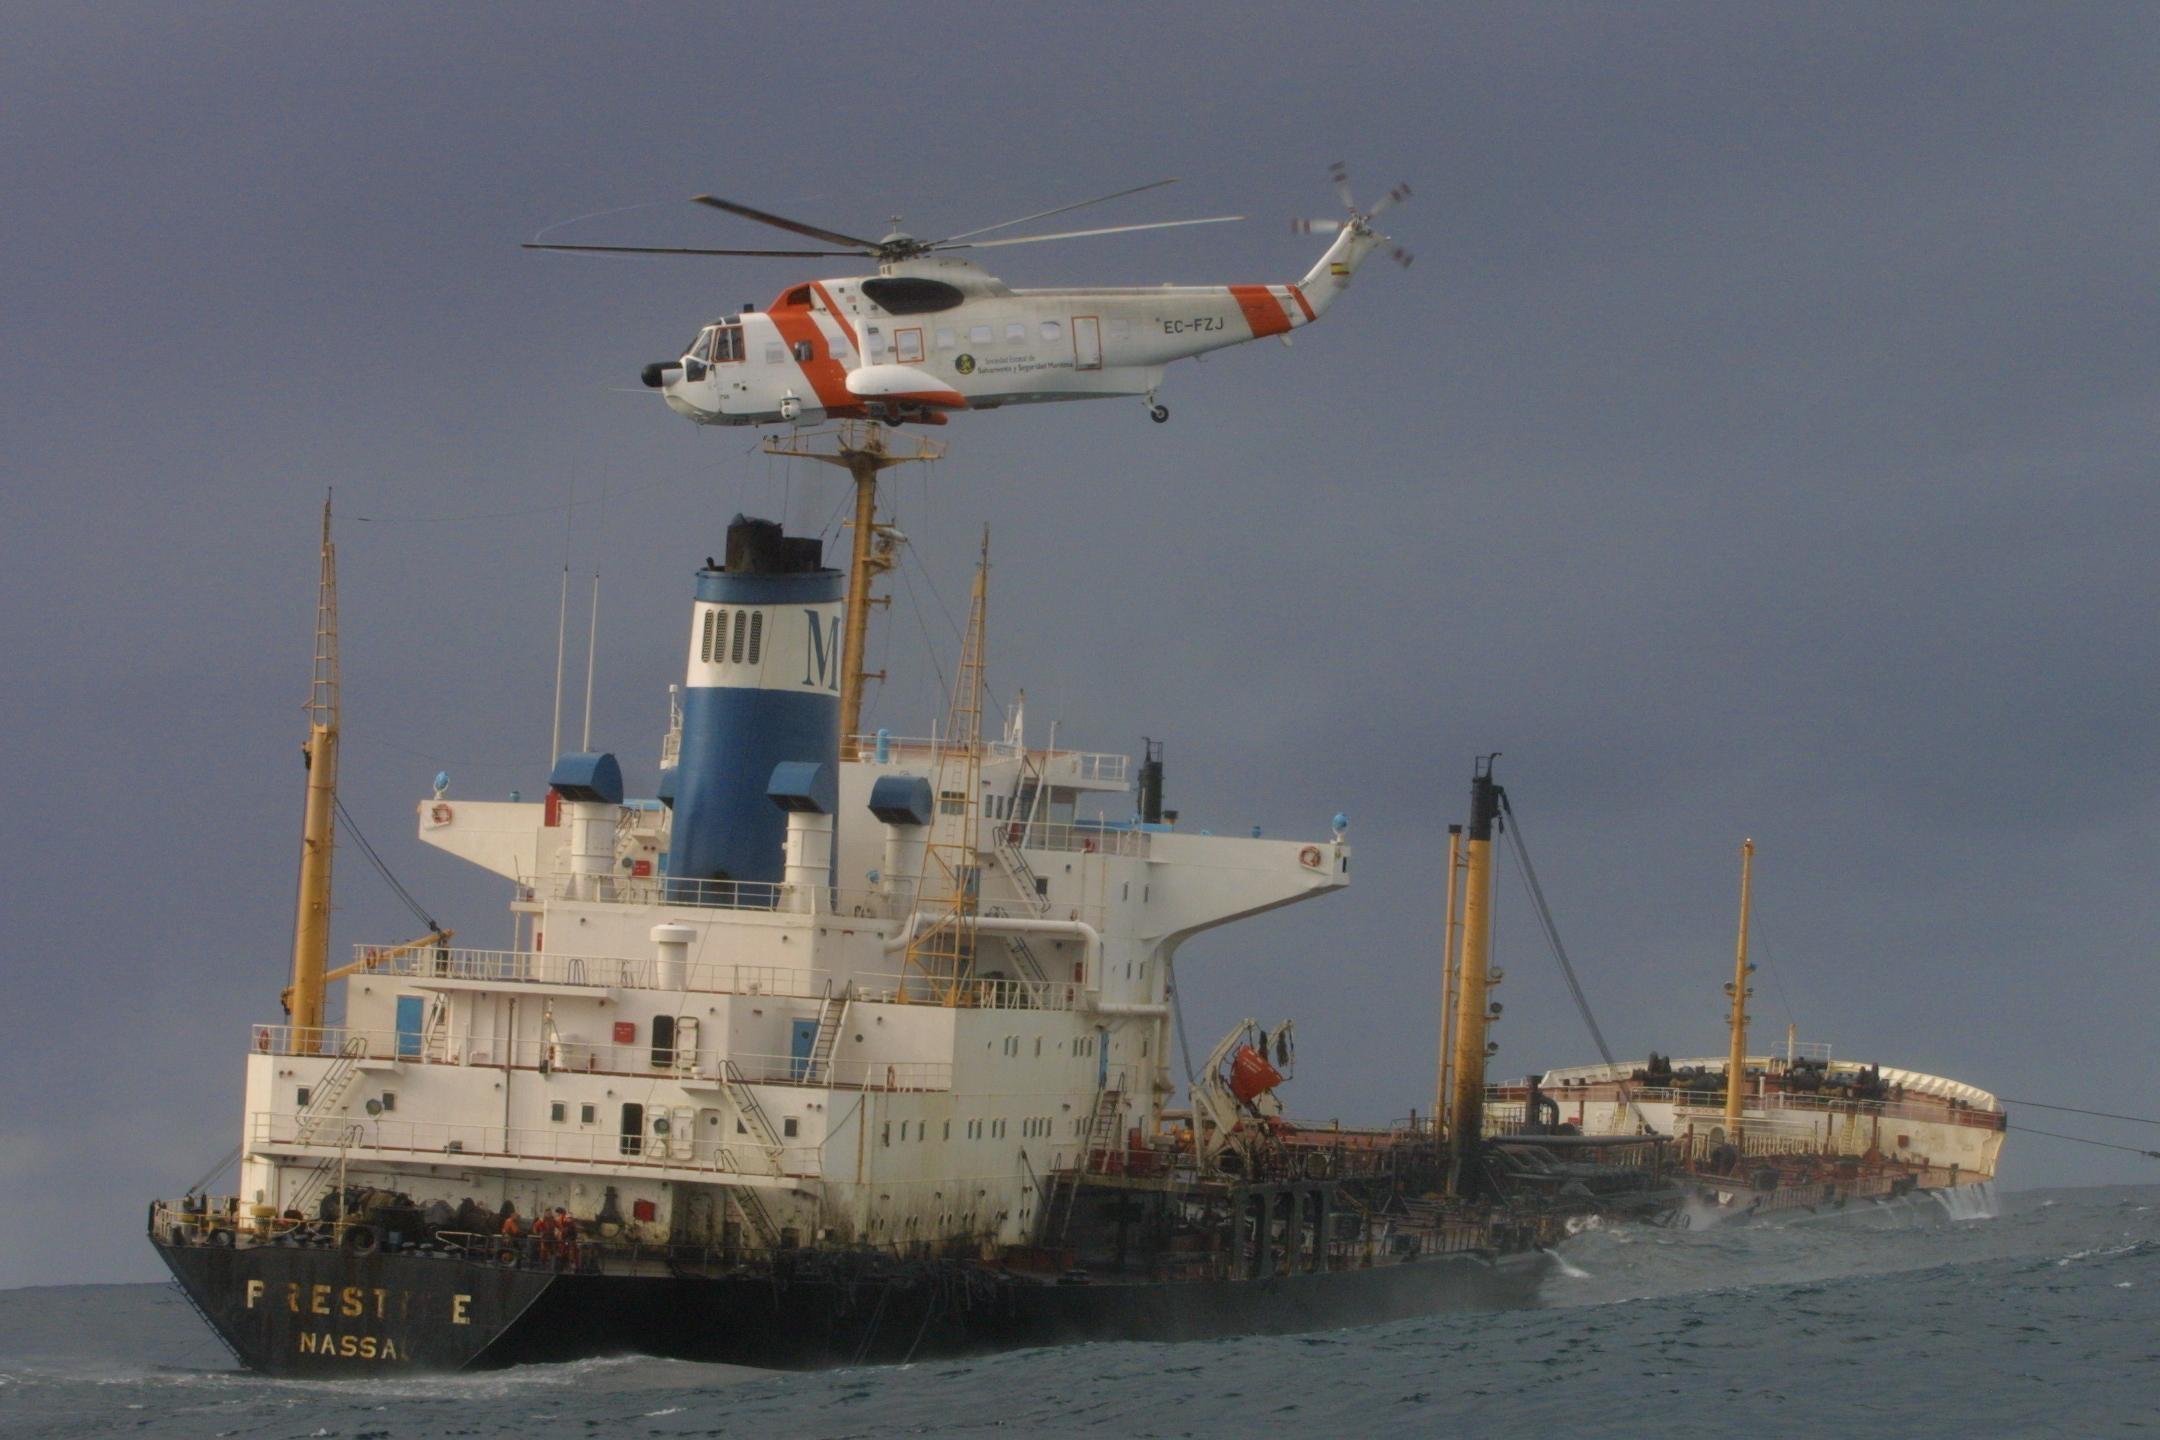 Un helicóptero de Salvamento vuela cerca del <i>Prestige</i>. <br><b>José Manuel Casal</b>